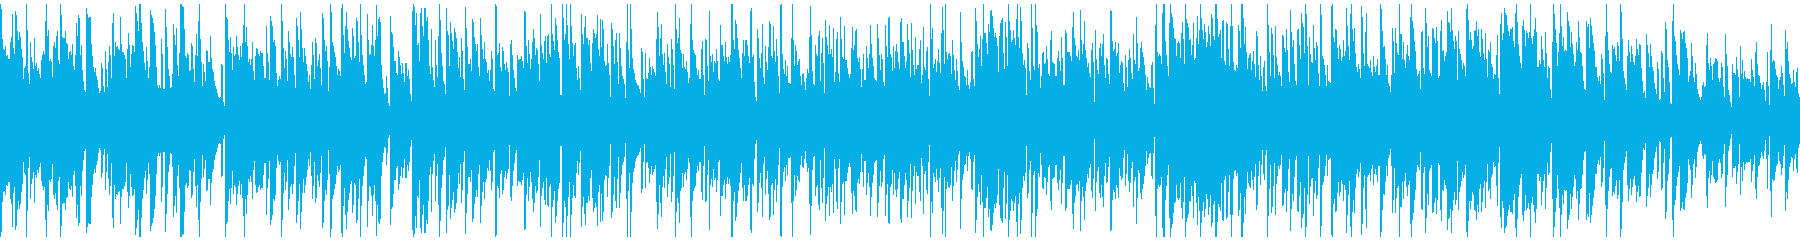 落ち着いた静かなカフェボサノバ※ループ版の再生済みの波形